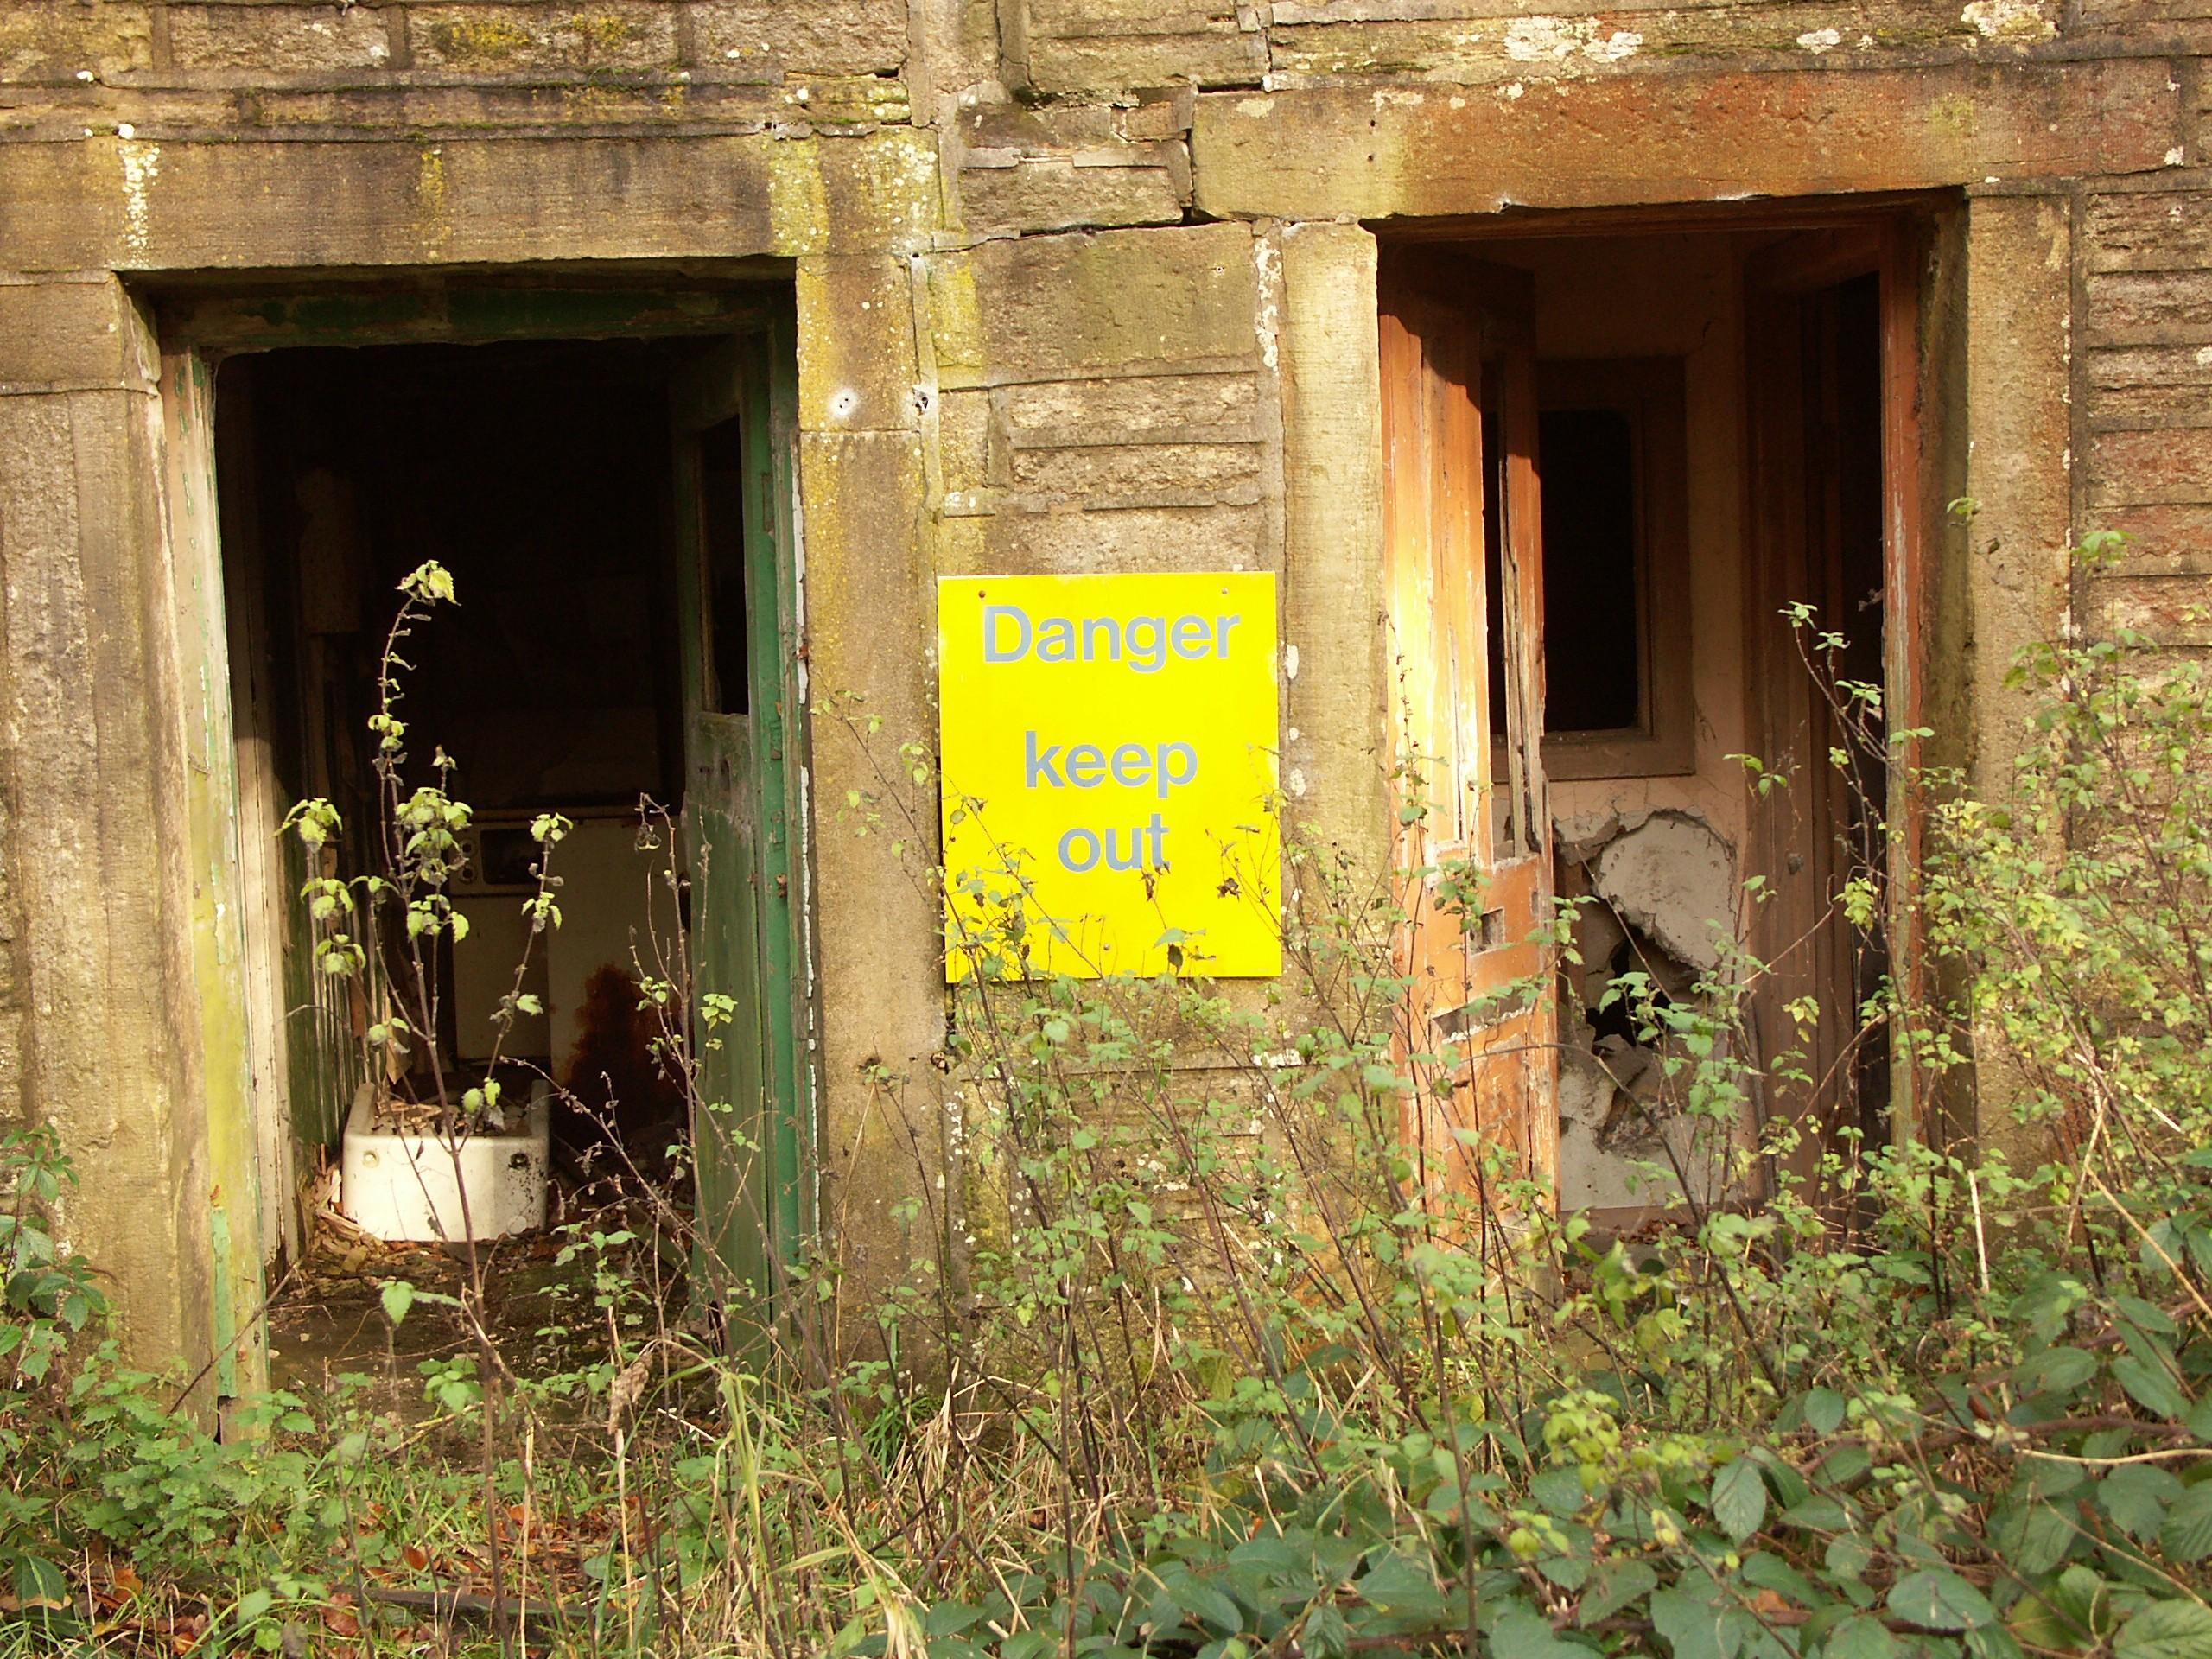 Forgotten, Bspo06, Danger, Doorways, Old, HQ Photo